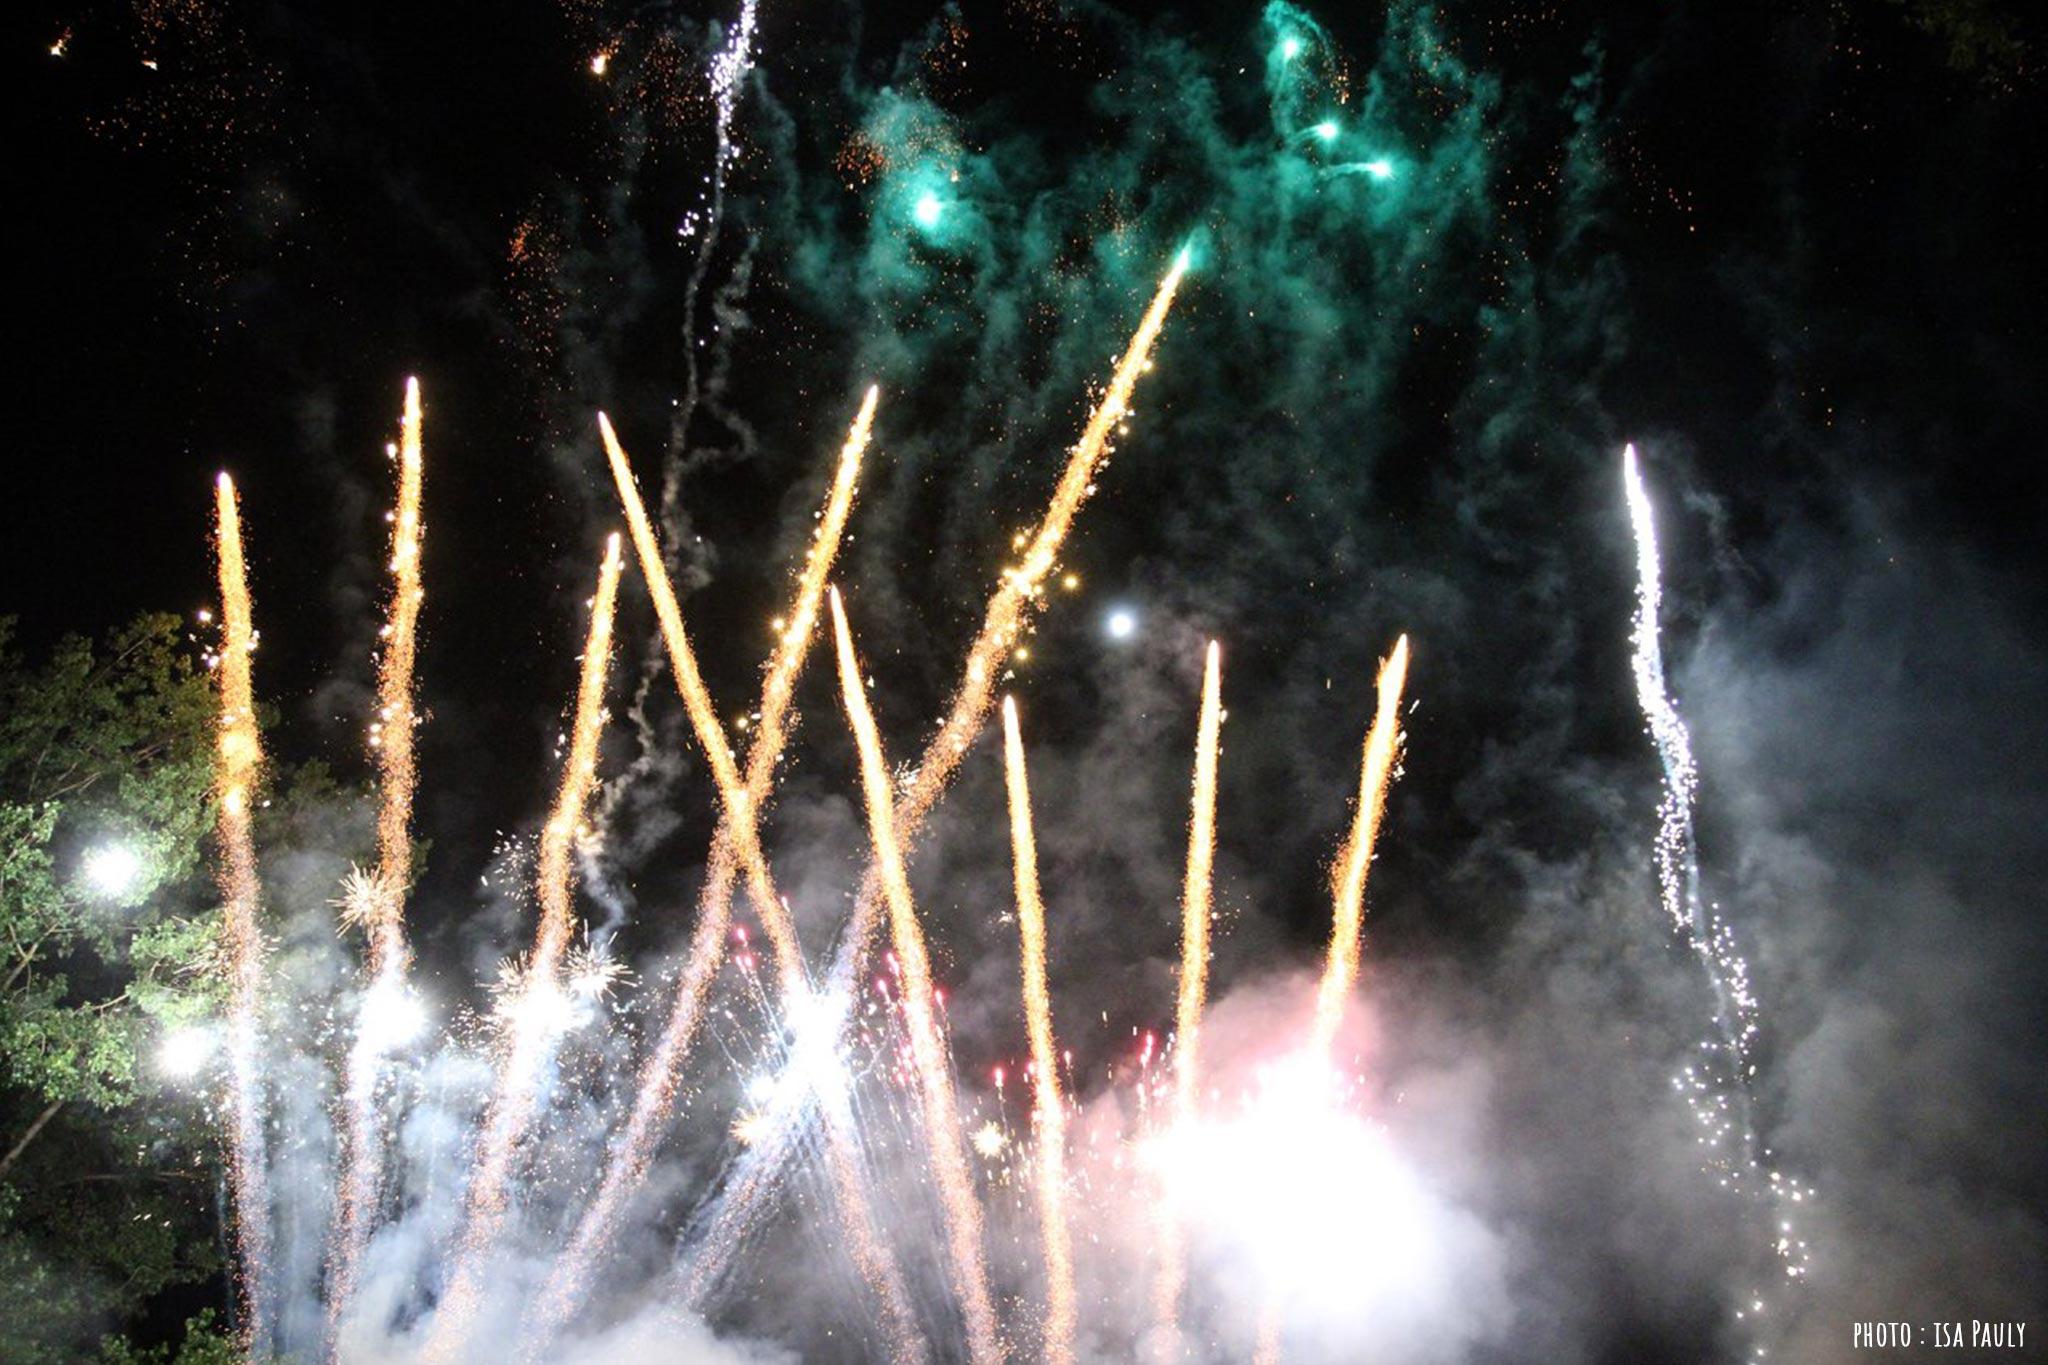 C'est la cerise sur le gâteau d'anniversaire ! Tiré depuis le stade de football, le feu sera notre manière de fêter les 10 ans du Pressoir en prenant un peu de hauteur !